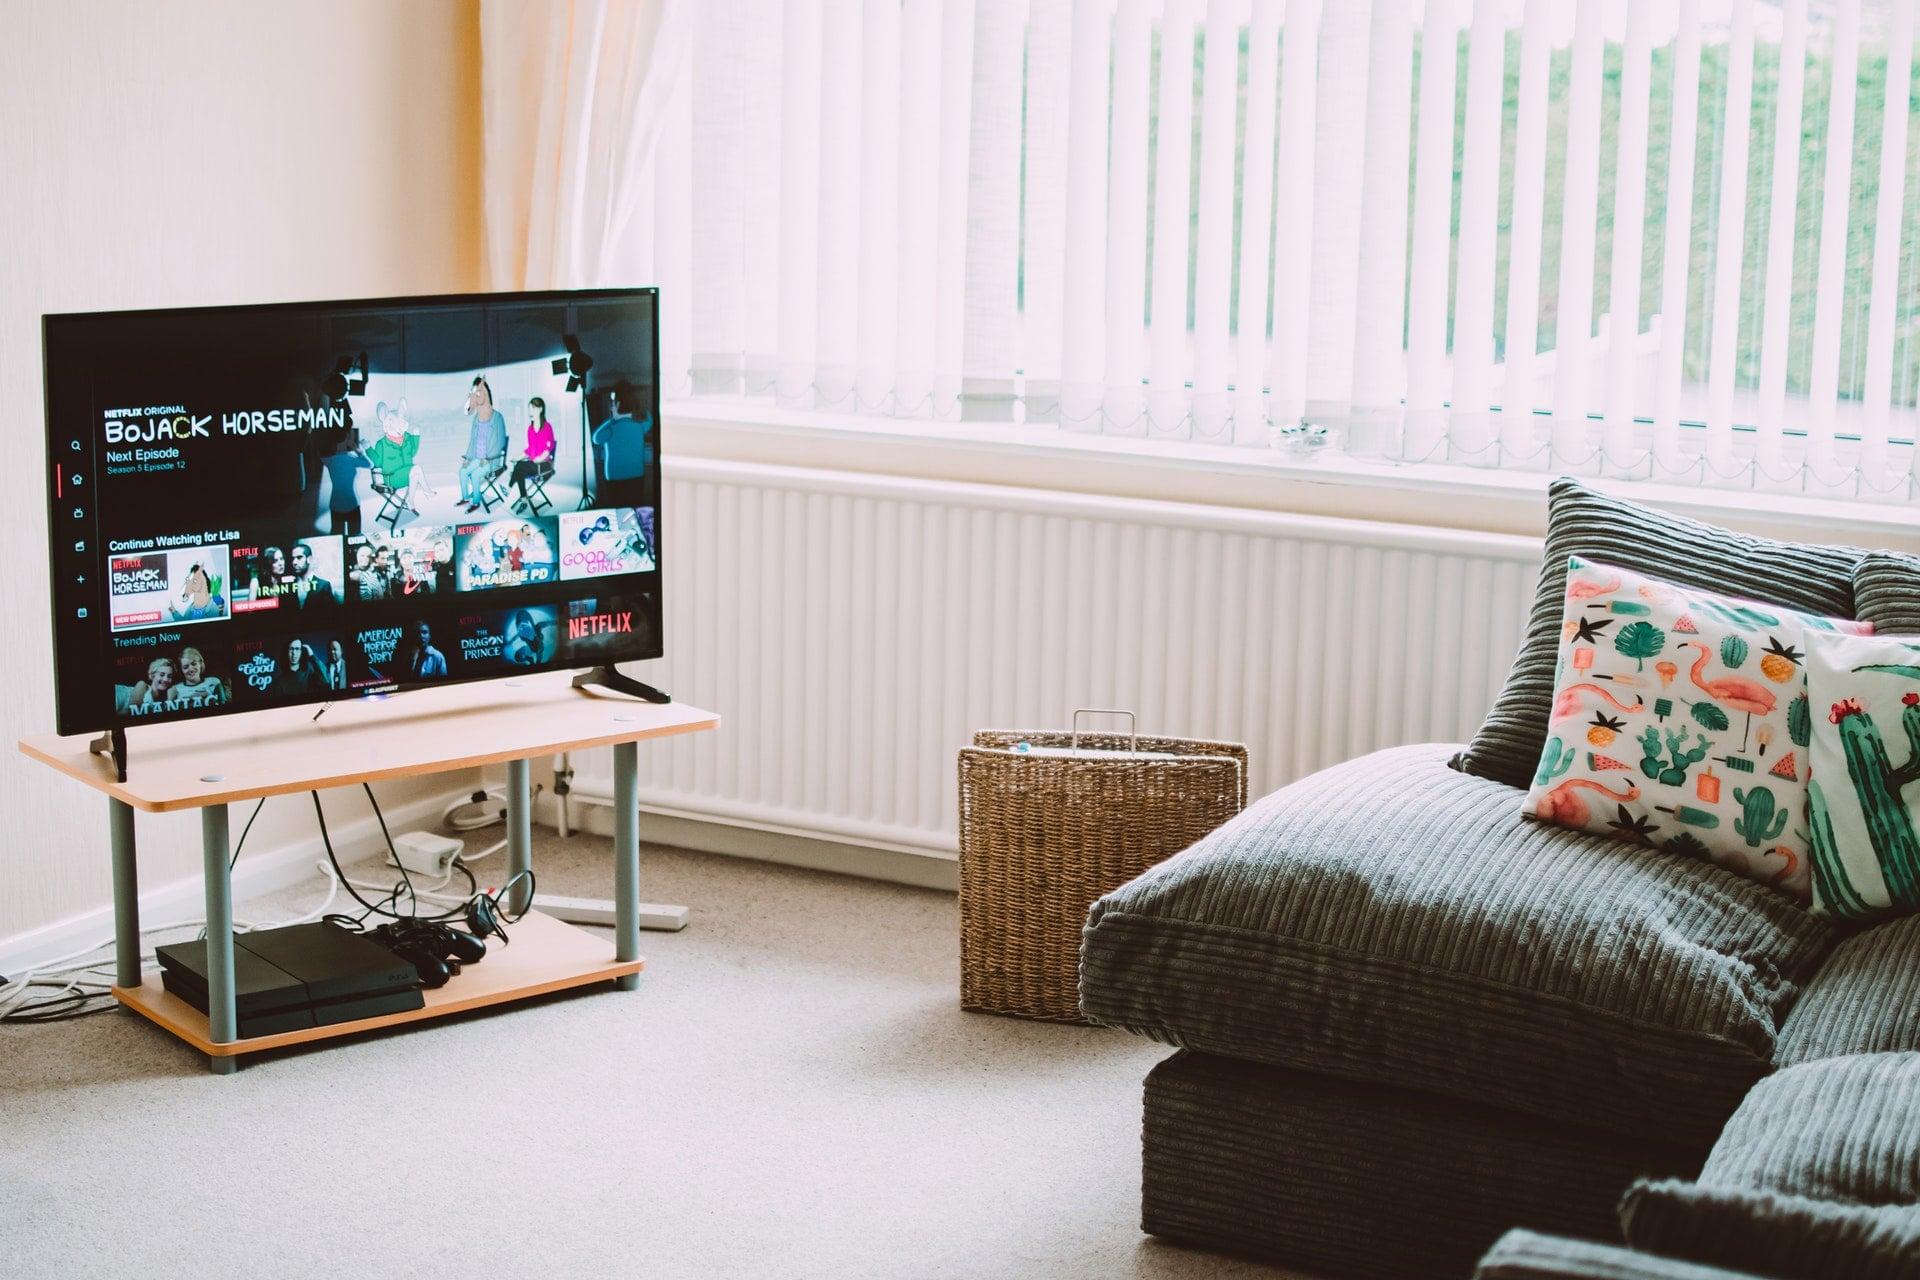 LG już nie jest największym producentem ekranów LCD do telewizorów i monitorów. Teraz jest nim BOE 24